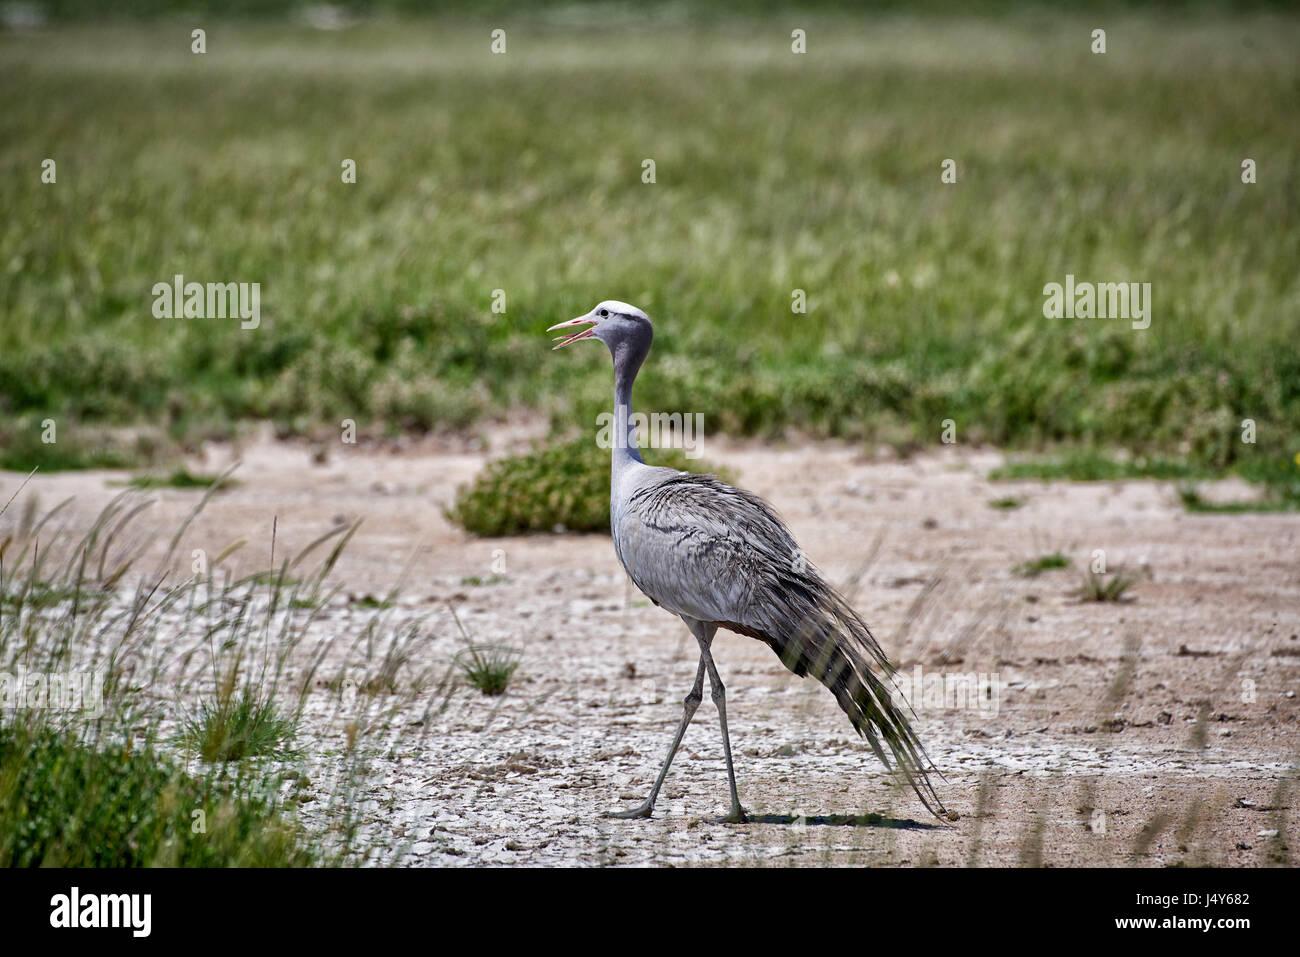 Blue crane, Etosha National Park, Namibia - Stock Image